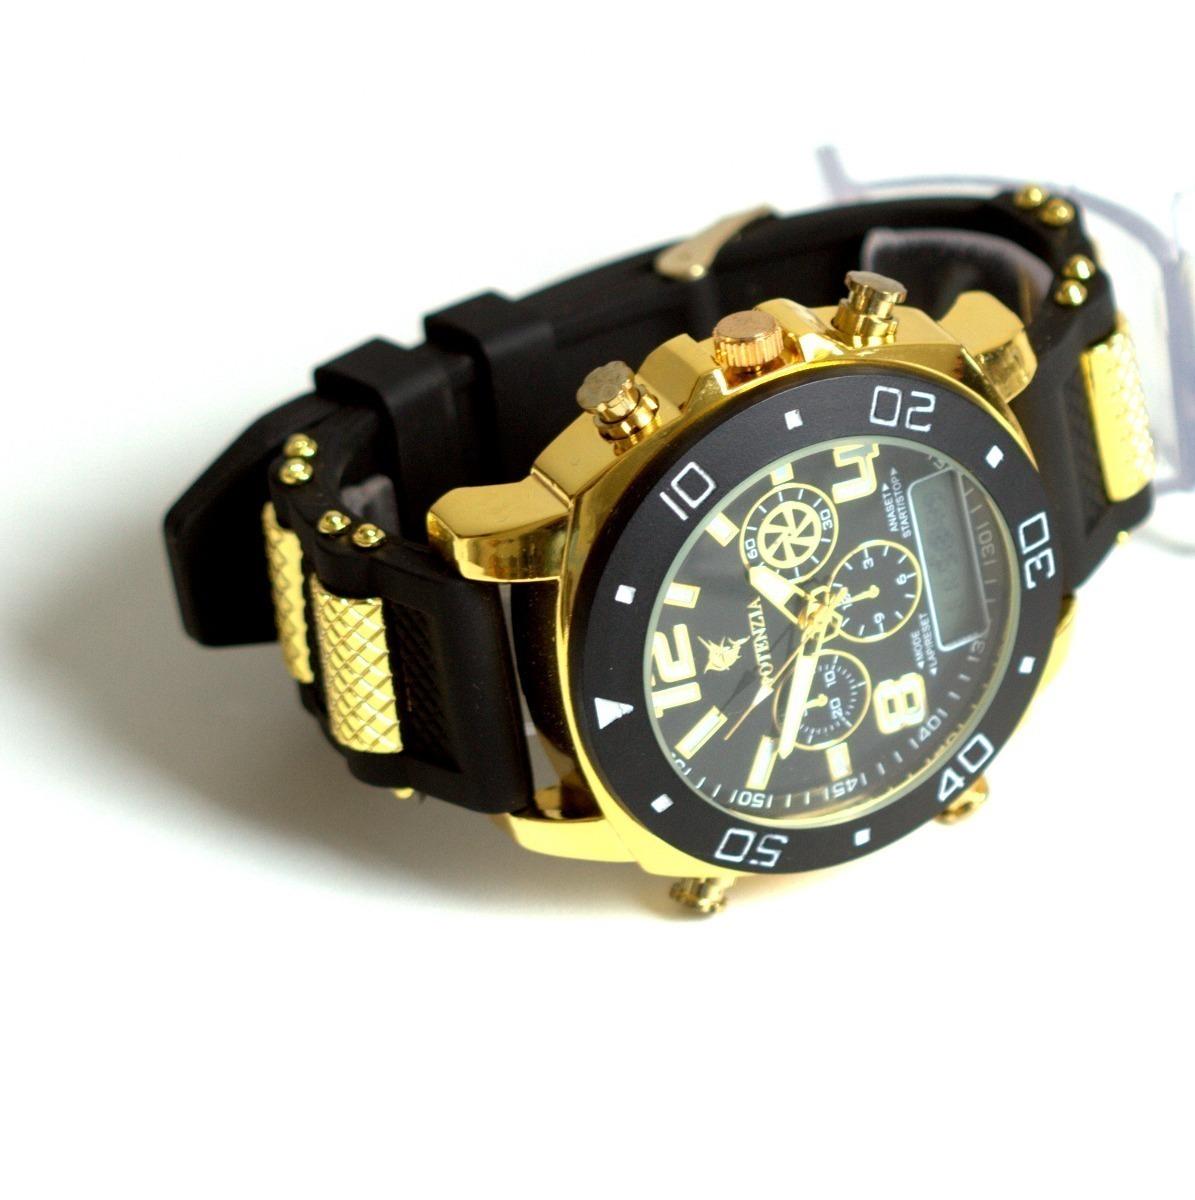 16e7a9dc6aa Relógio Luxo Dourado Militar Potenzia Barato Top Promoção ! - R  79